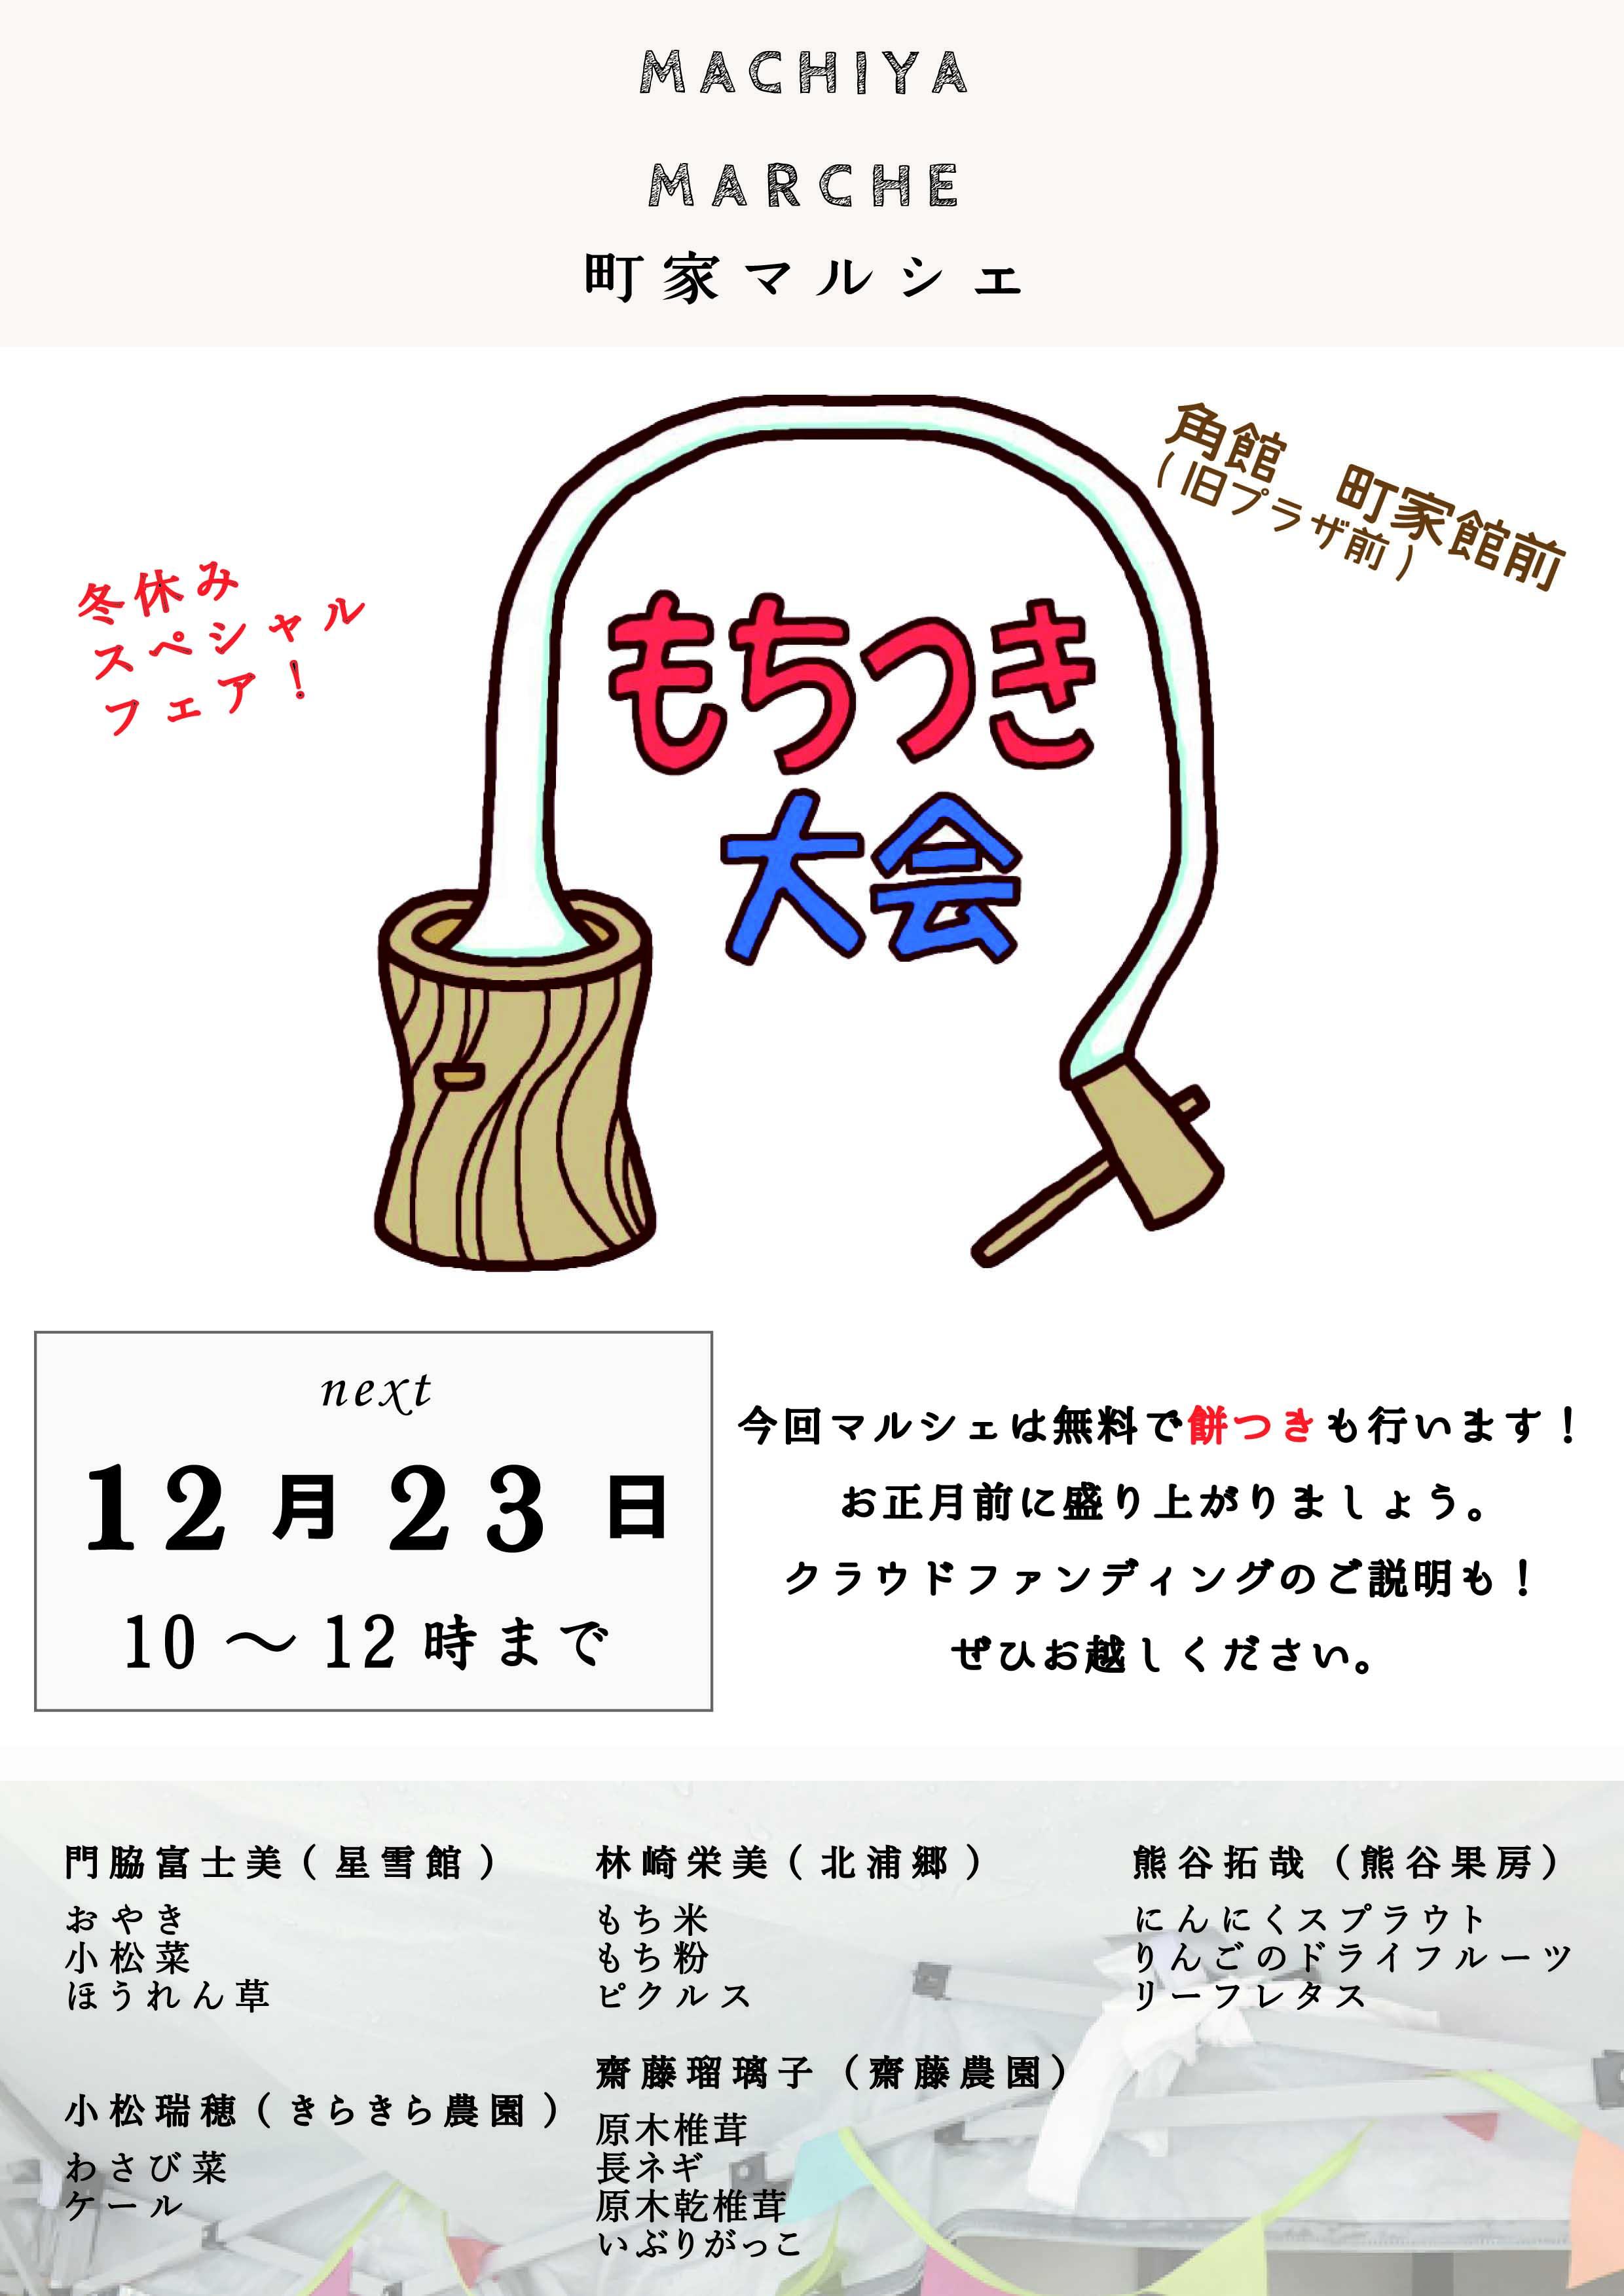 /data/project/334/12月の広告町家マルシェアウトライン.jpg